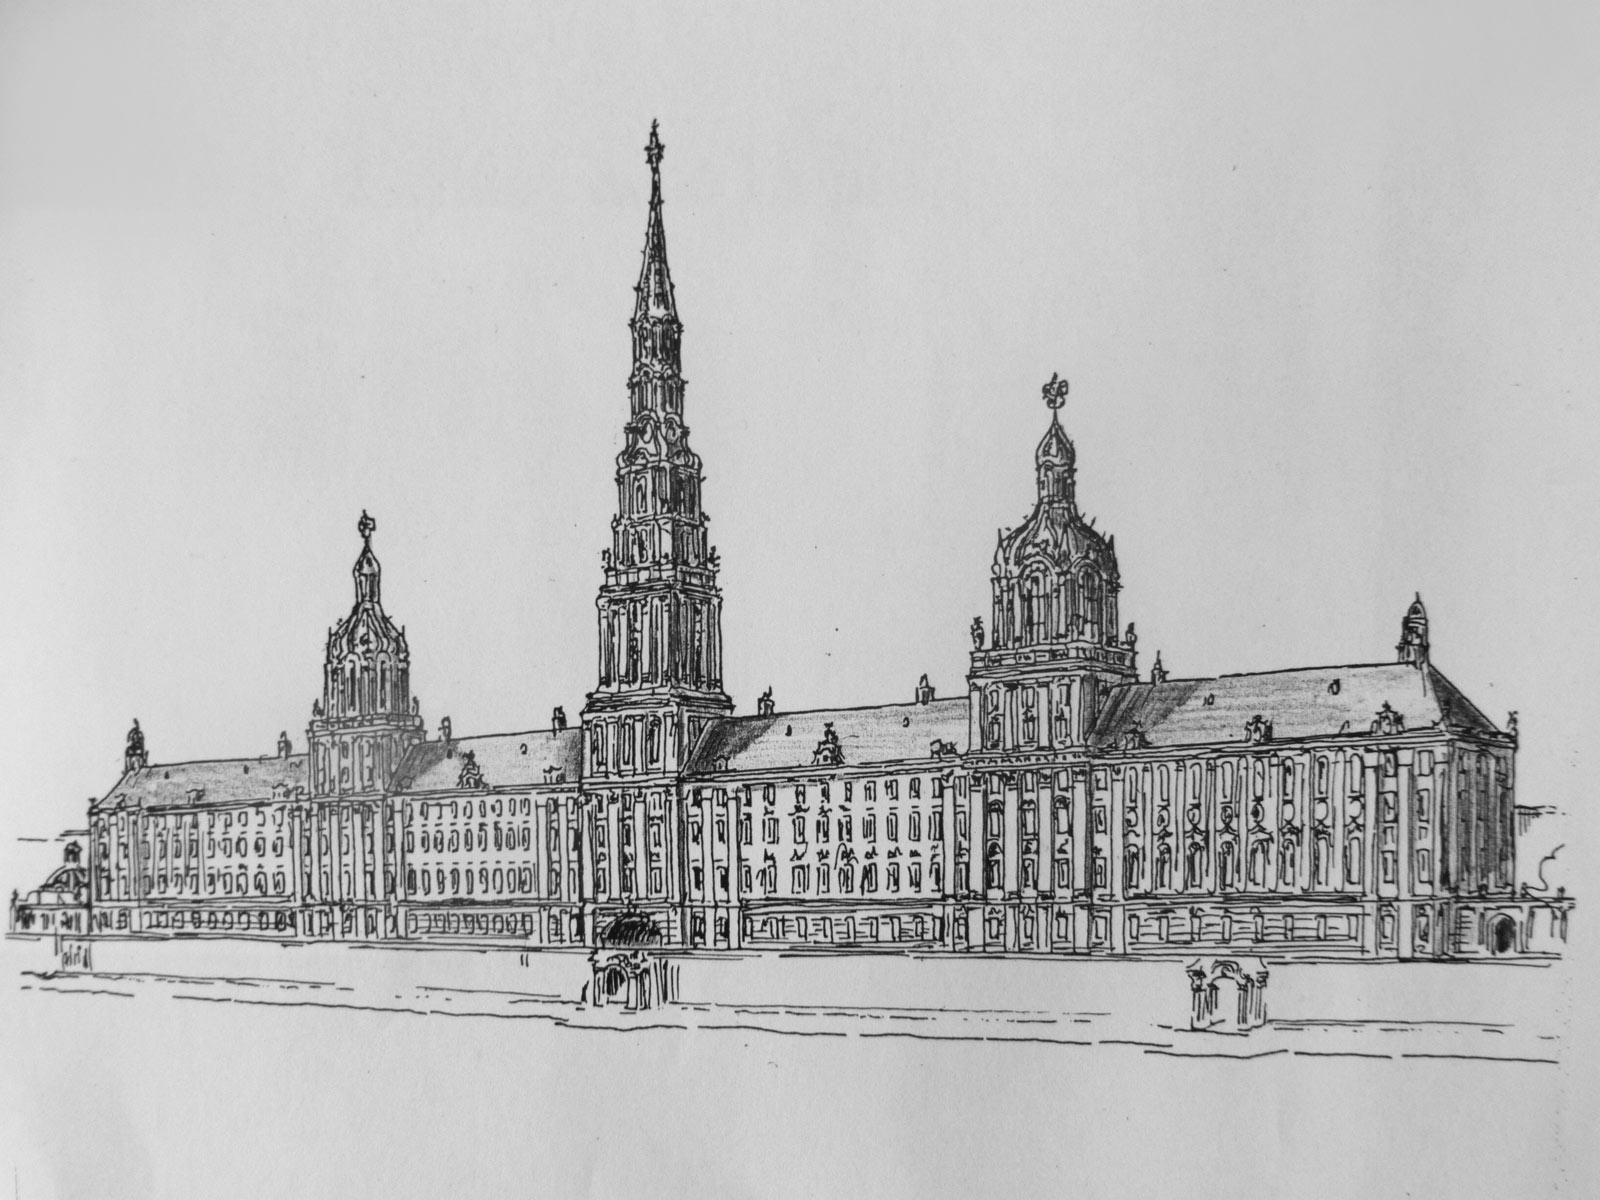 http://architekturcollage.de/wp-content/uploads/2016/09/6_Breslau-Jesuitenkollegium-nach-Tauscher_matthias-walther_Architekturcollage.jpg